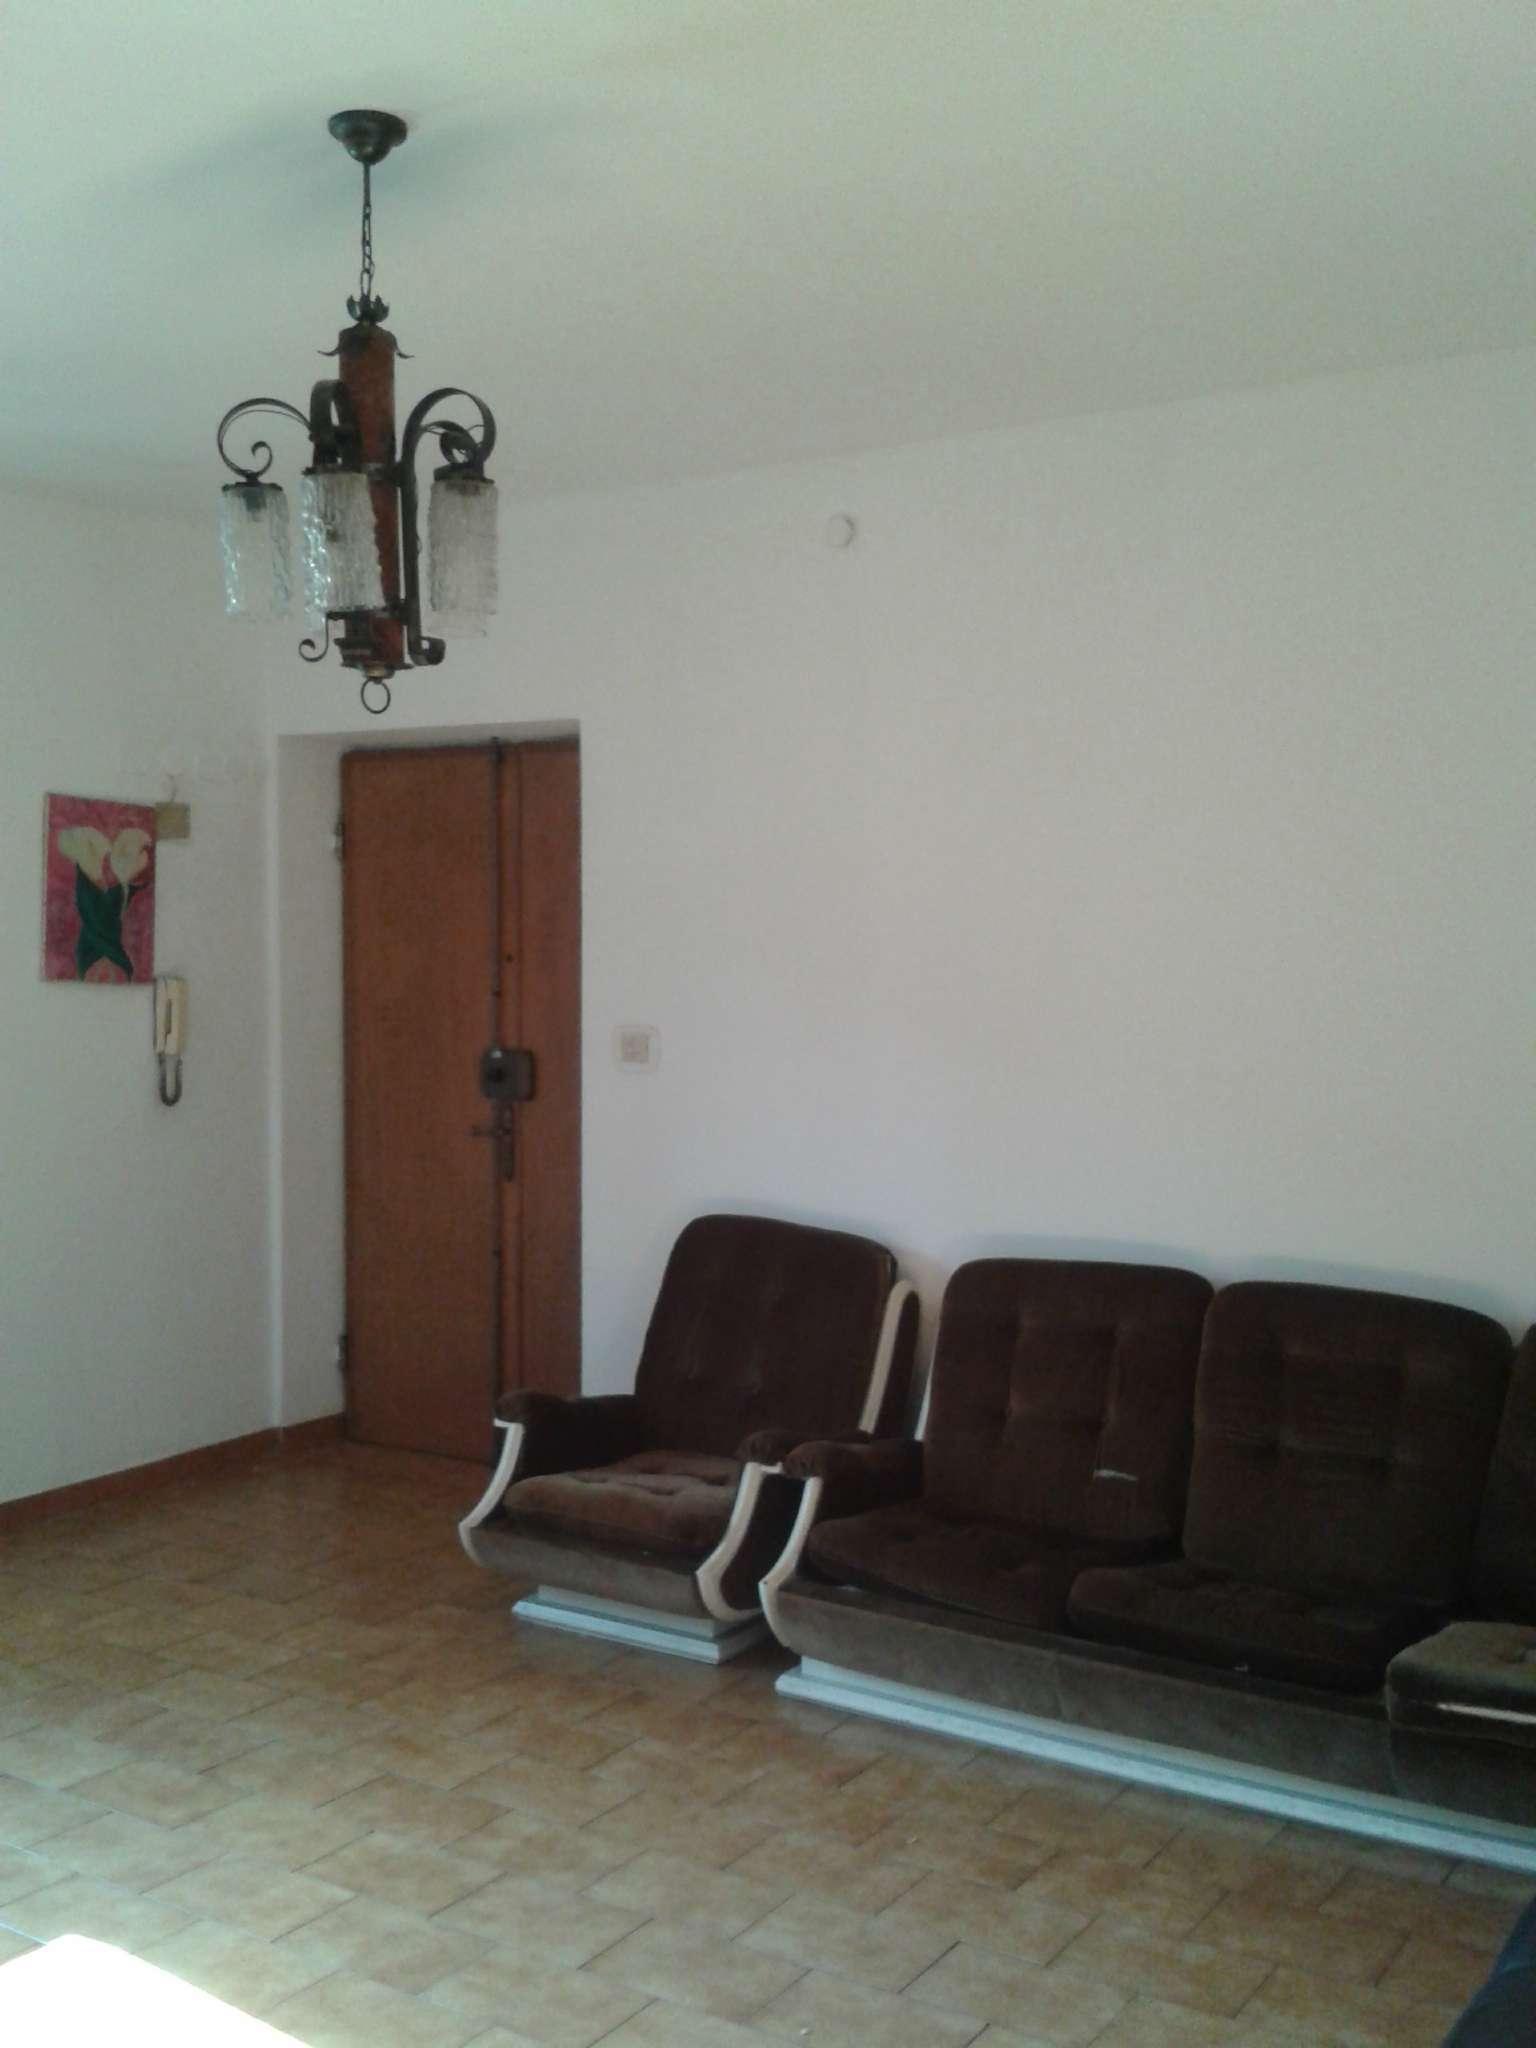 Appartamento genova affitto 500 75 mq riscaldamento for Contratto di locazione appartamento arredato